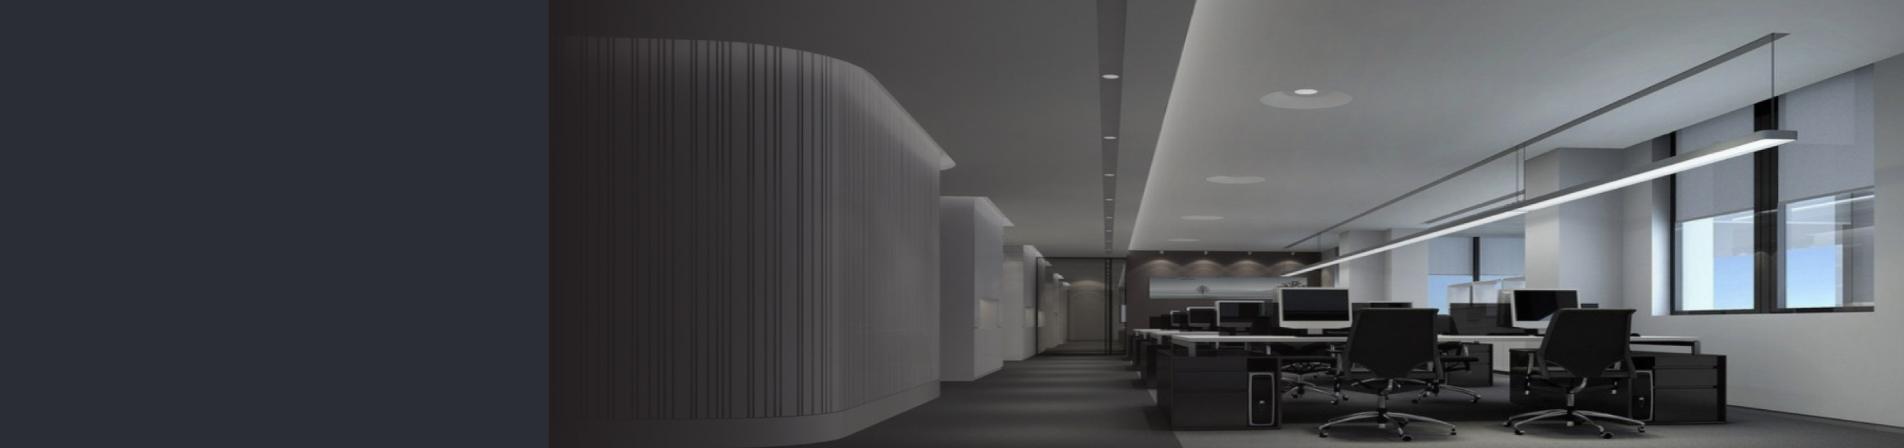 images/Slider/Proforma-Background-5.jpg